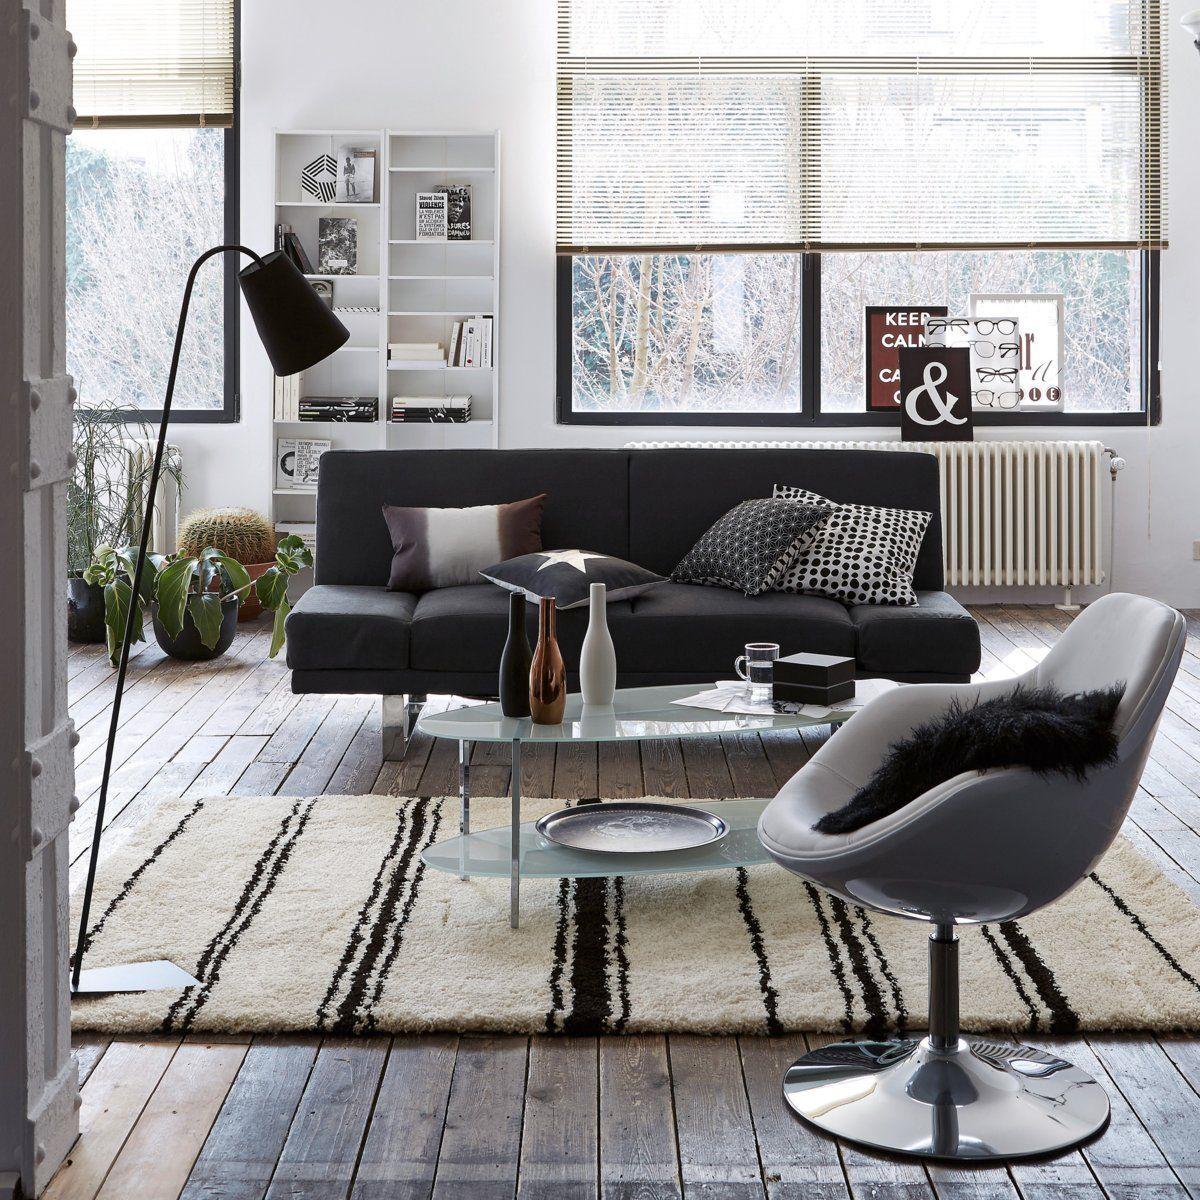 Table basse ovale double plateaux, verre trempé sa La Redoute Interieurs en soldes   La Redoute